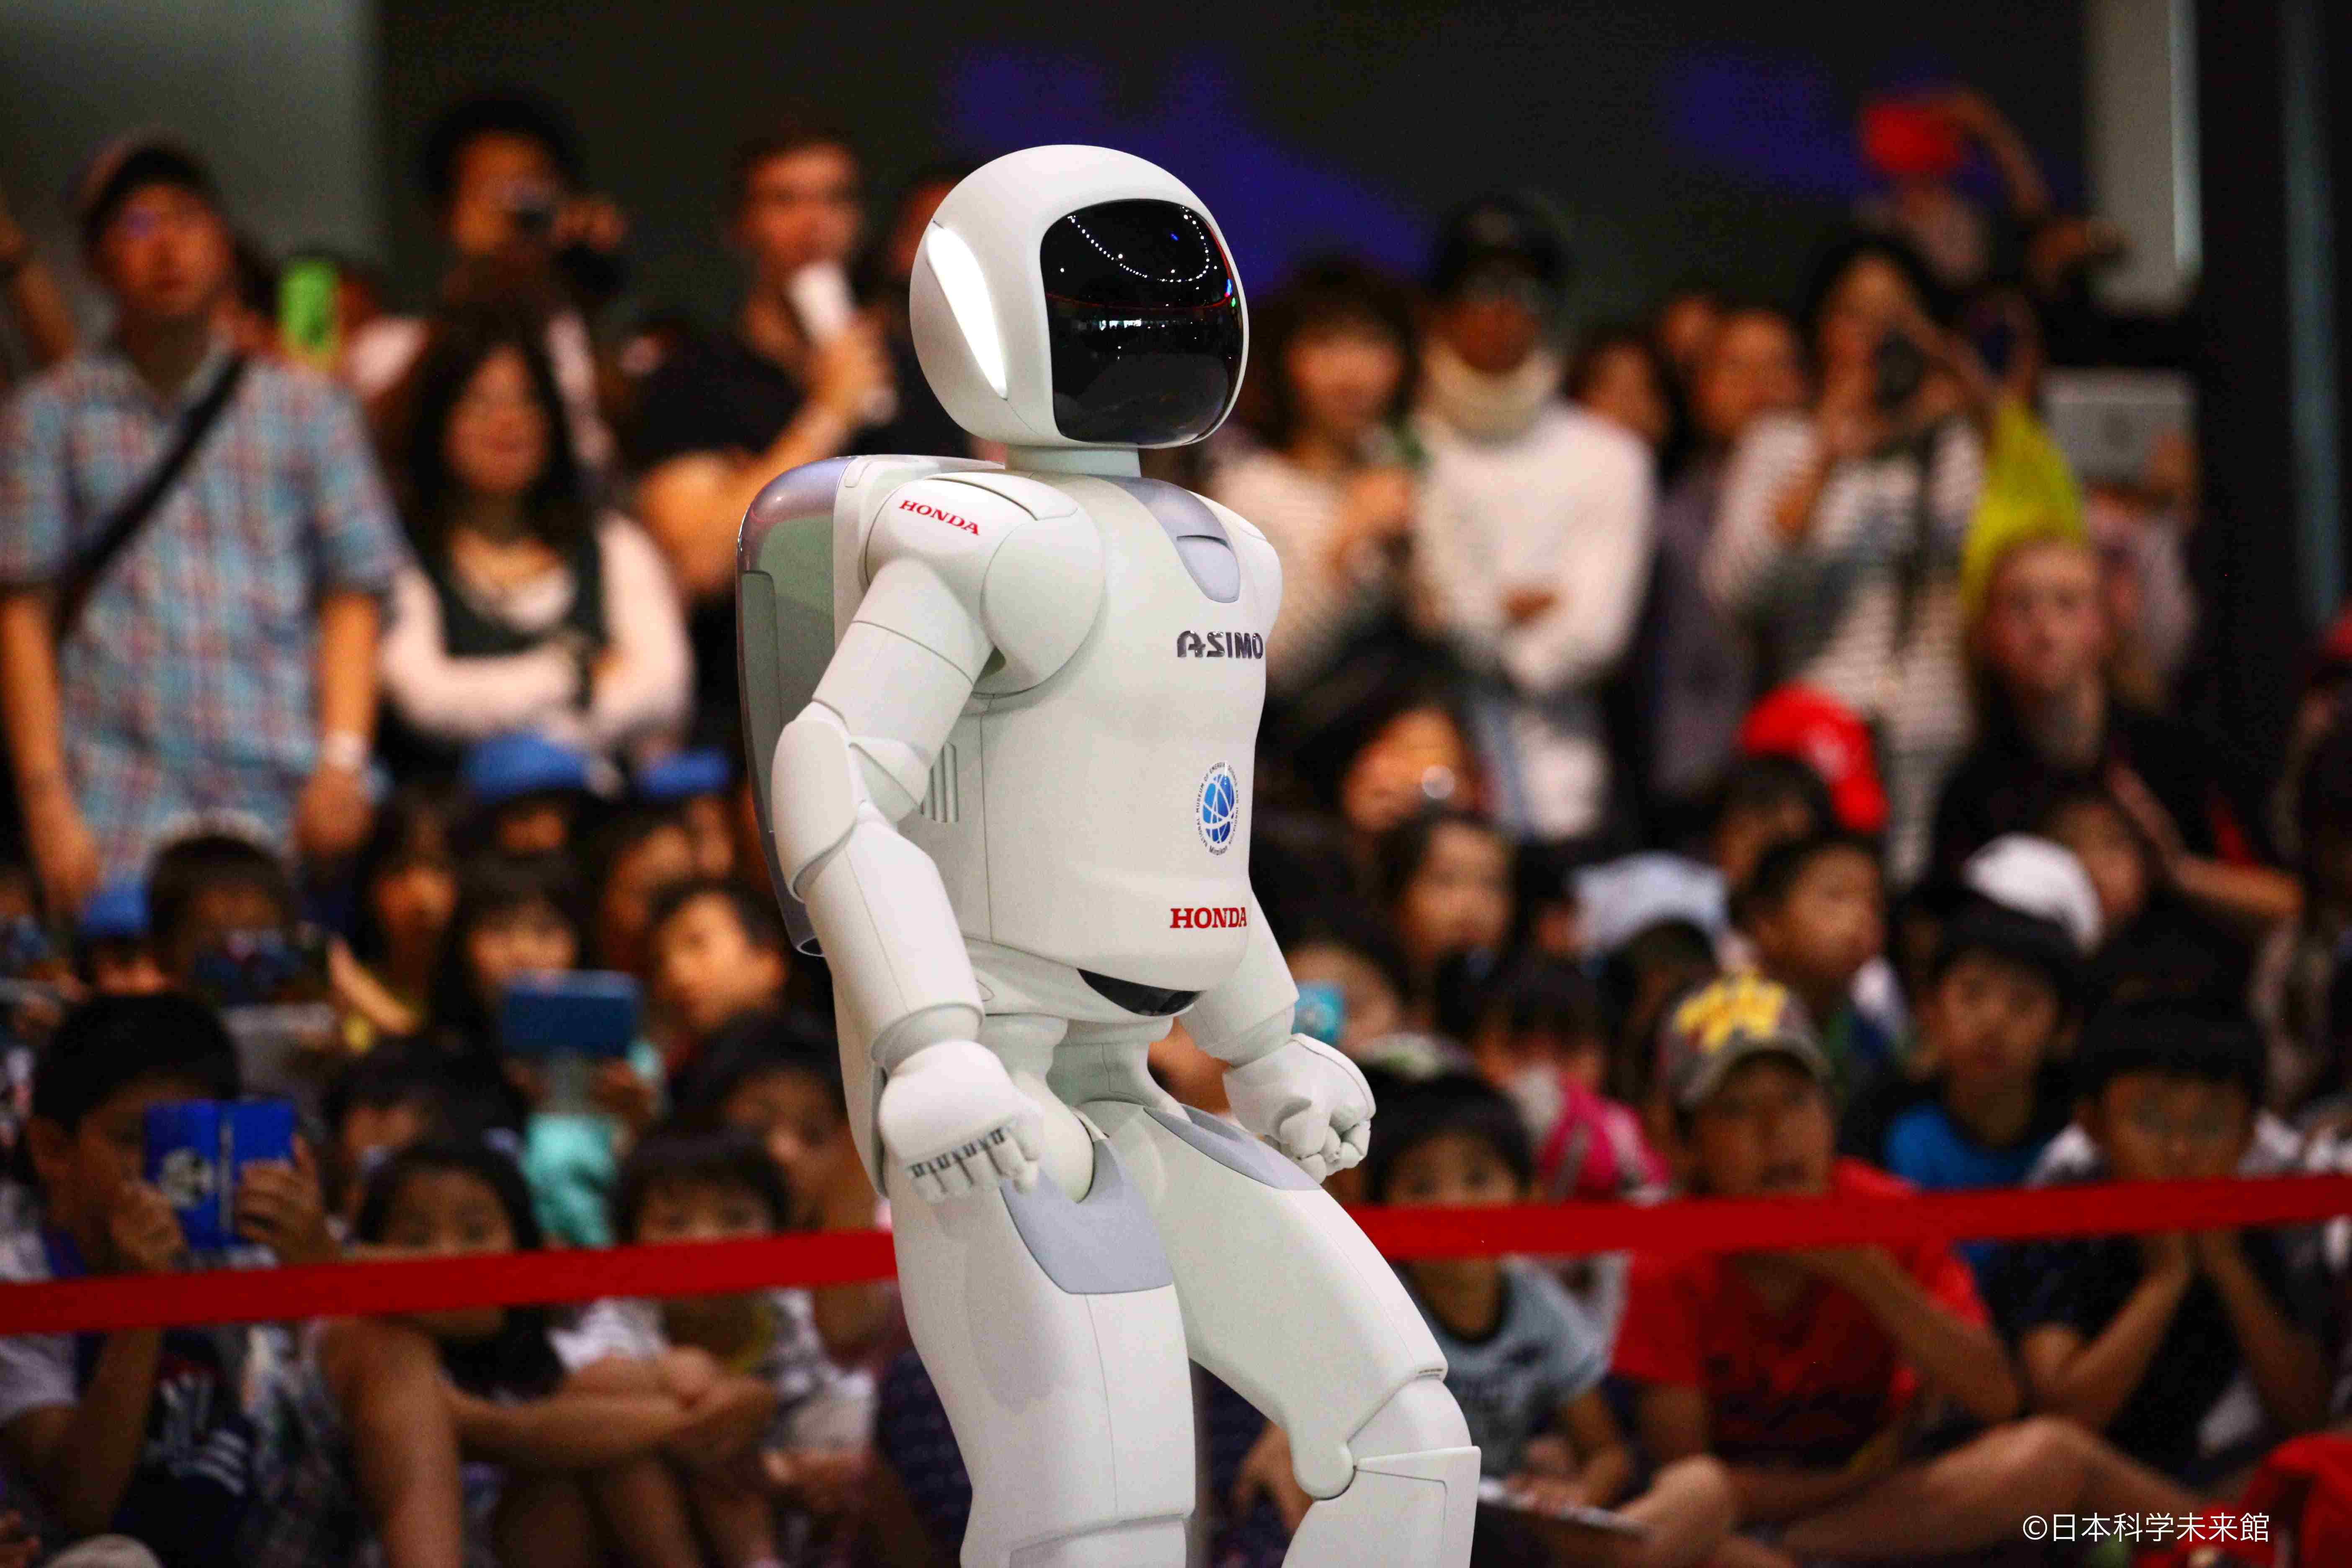 일본 과학 미래관에서 활약하는 ASIMO